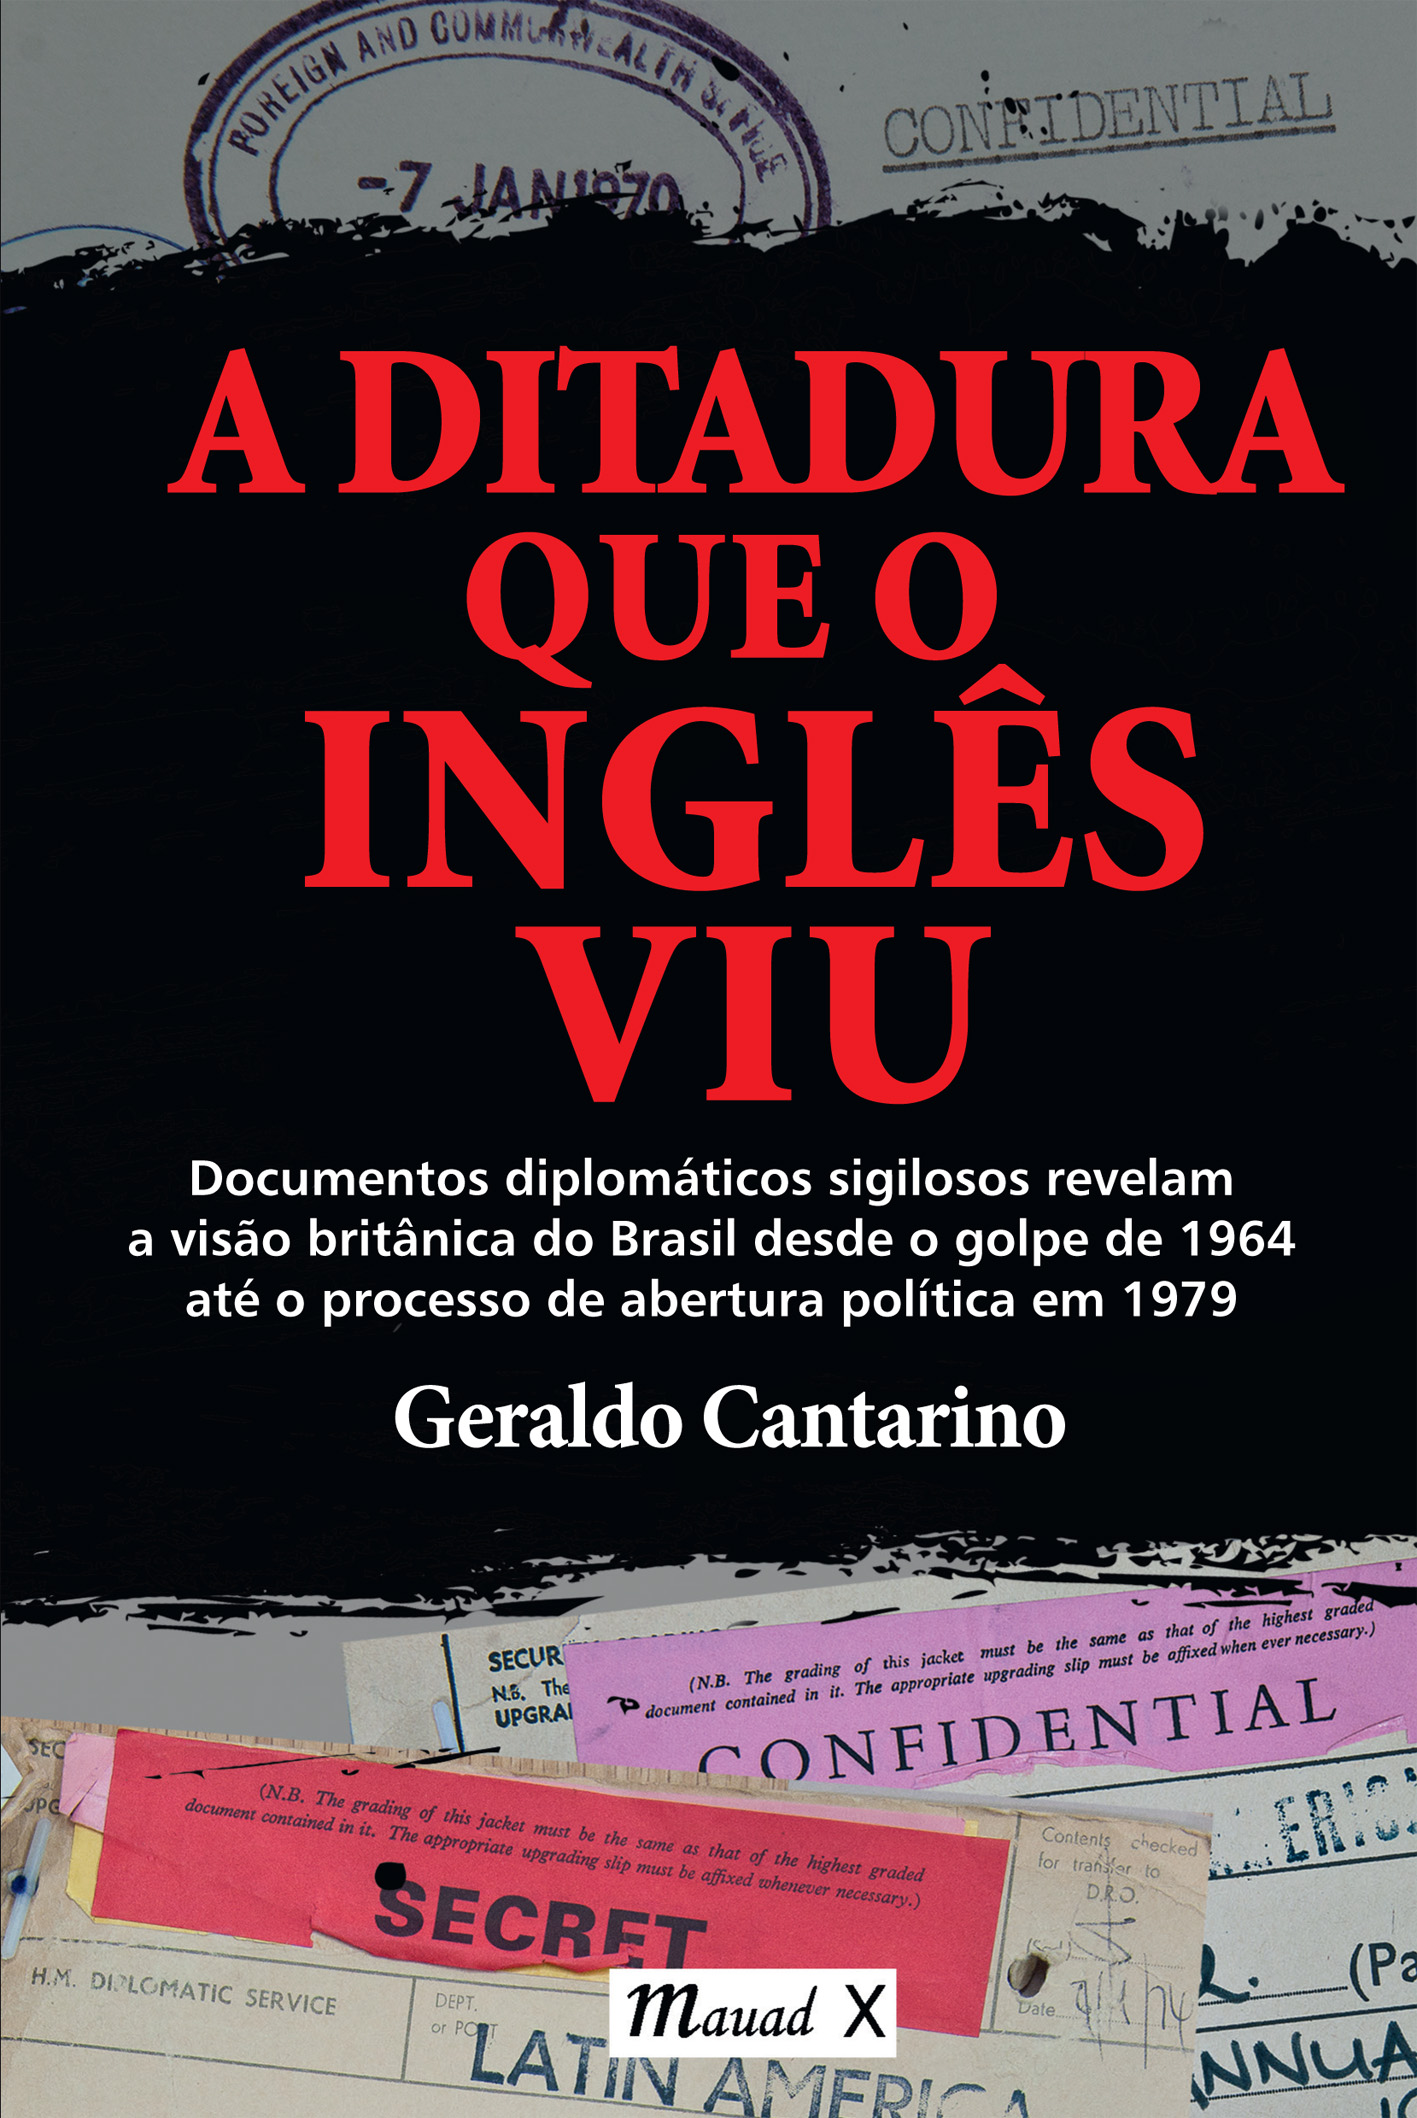 O livro mais recente de Geraldo Cantarino, que fala sobre a imagem do Brasil na diplomacia inglesa